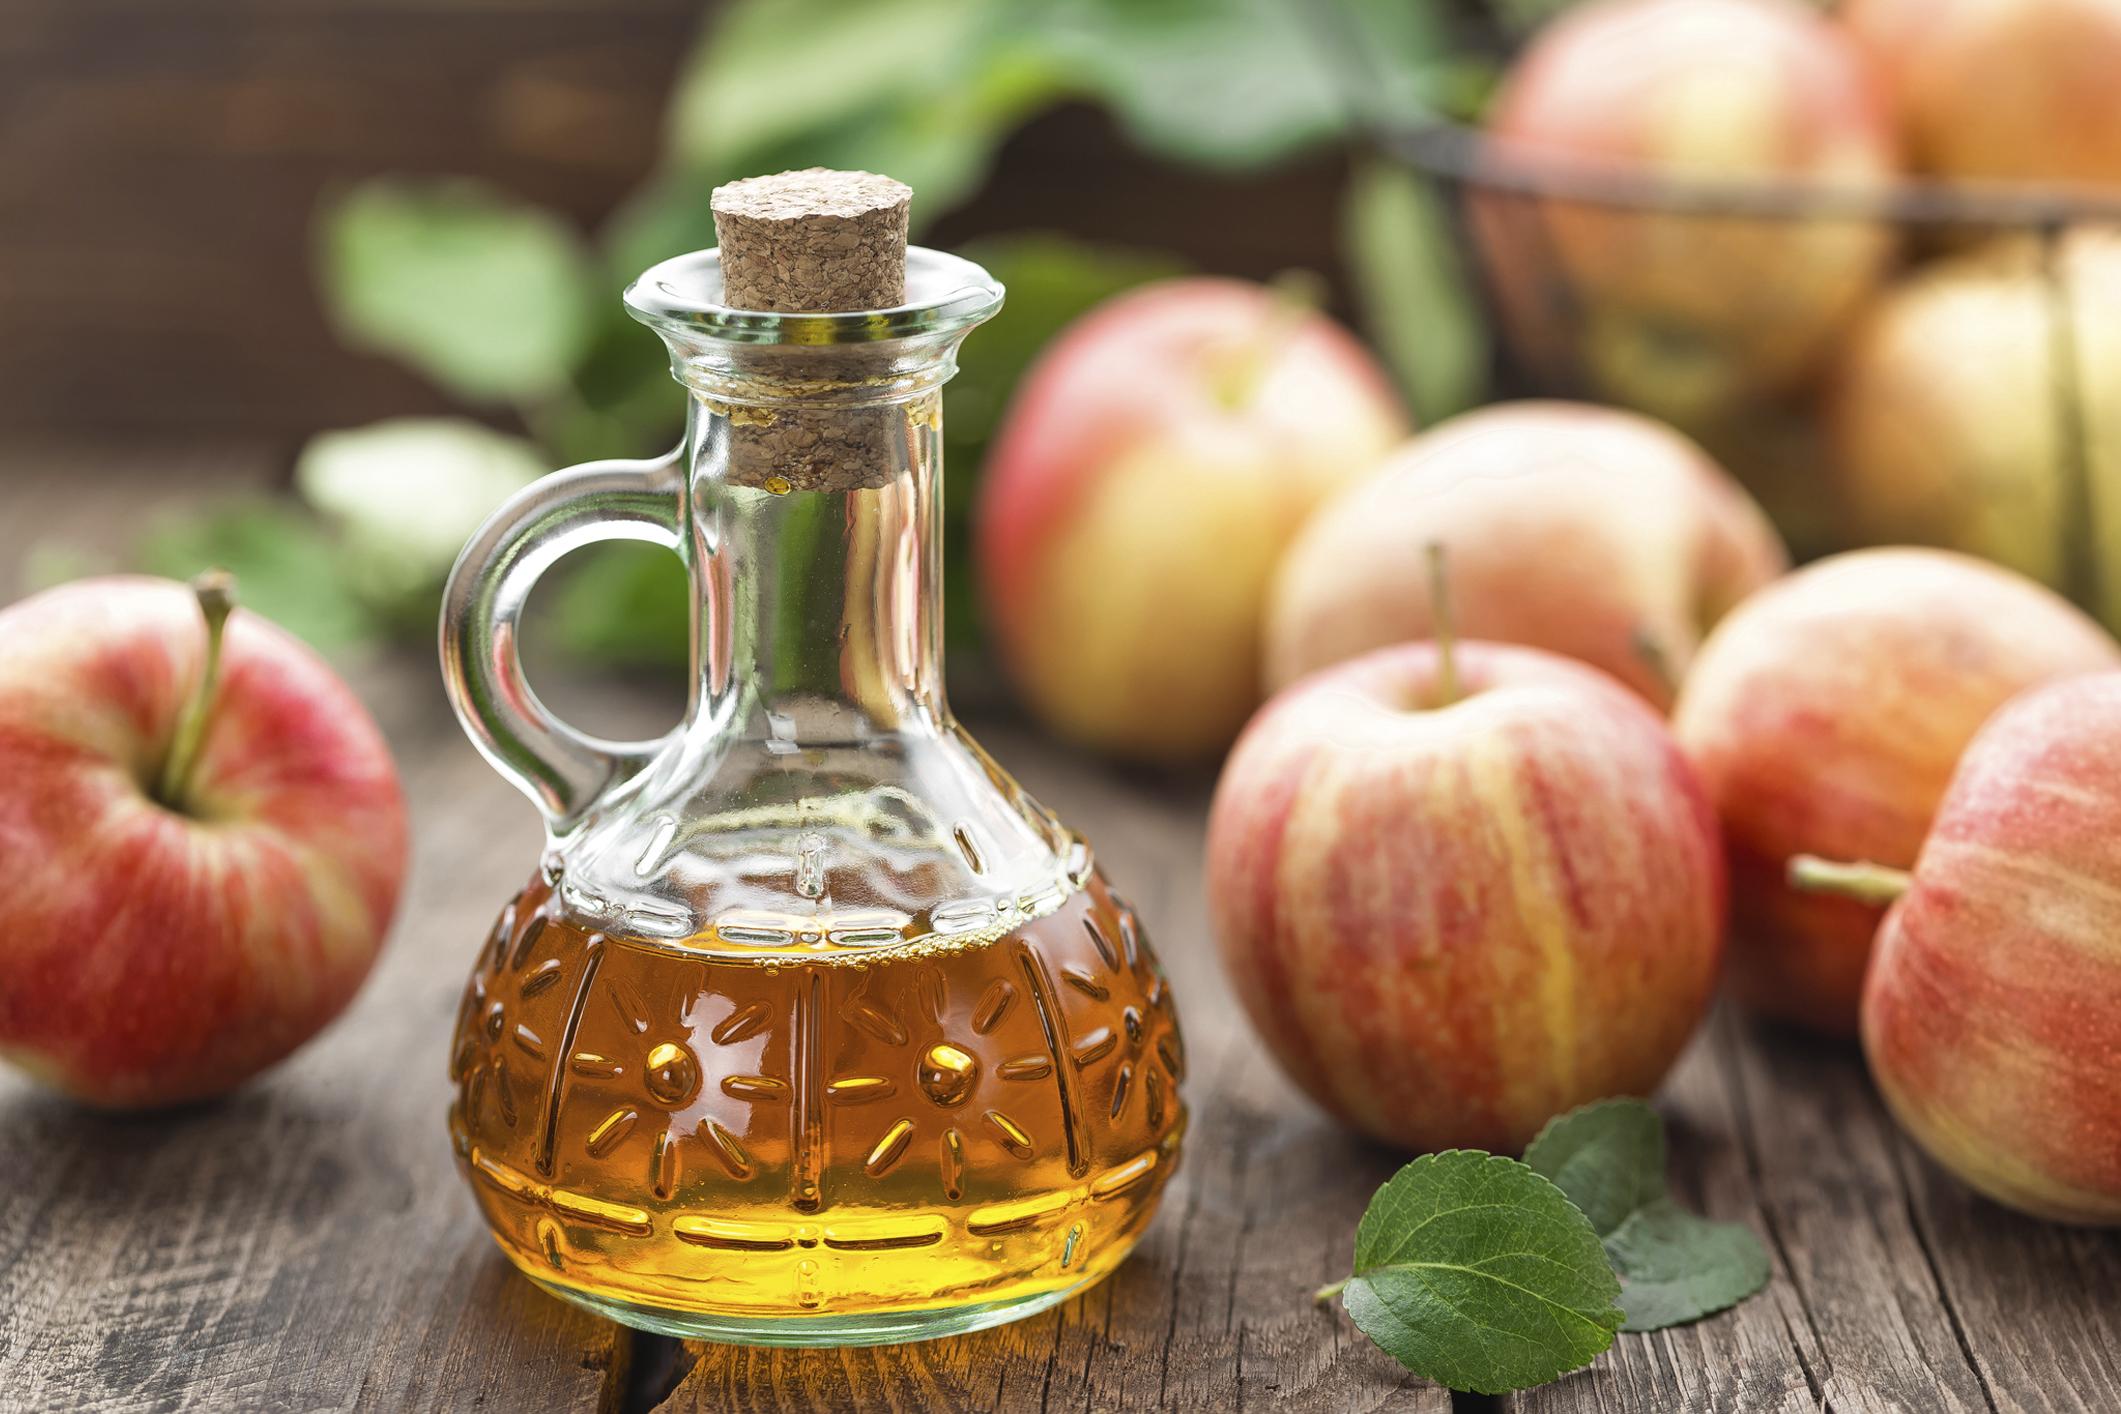 El vinagre es bueno para tu salud, ¿quieres saber por qué?